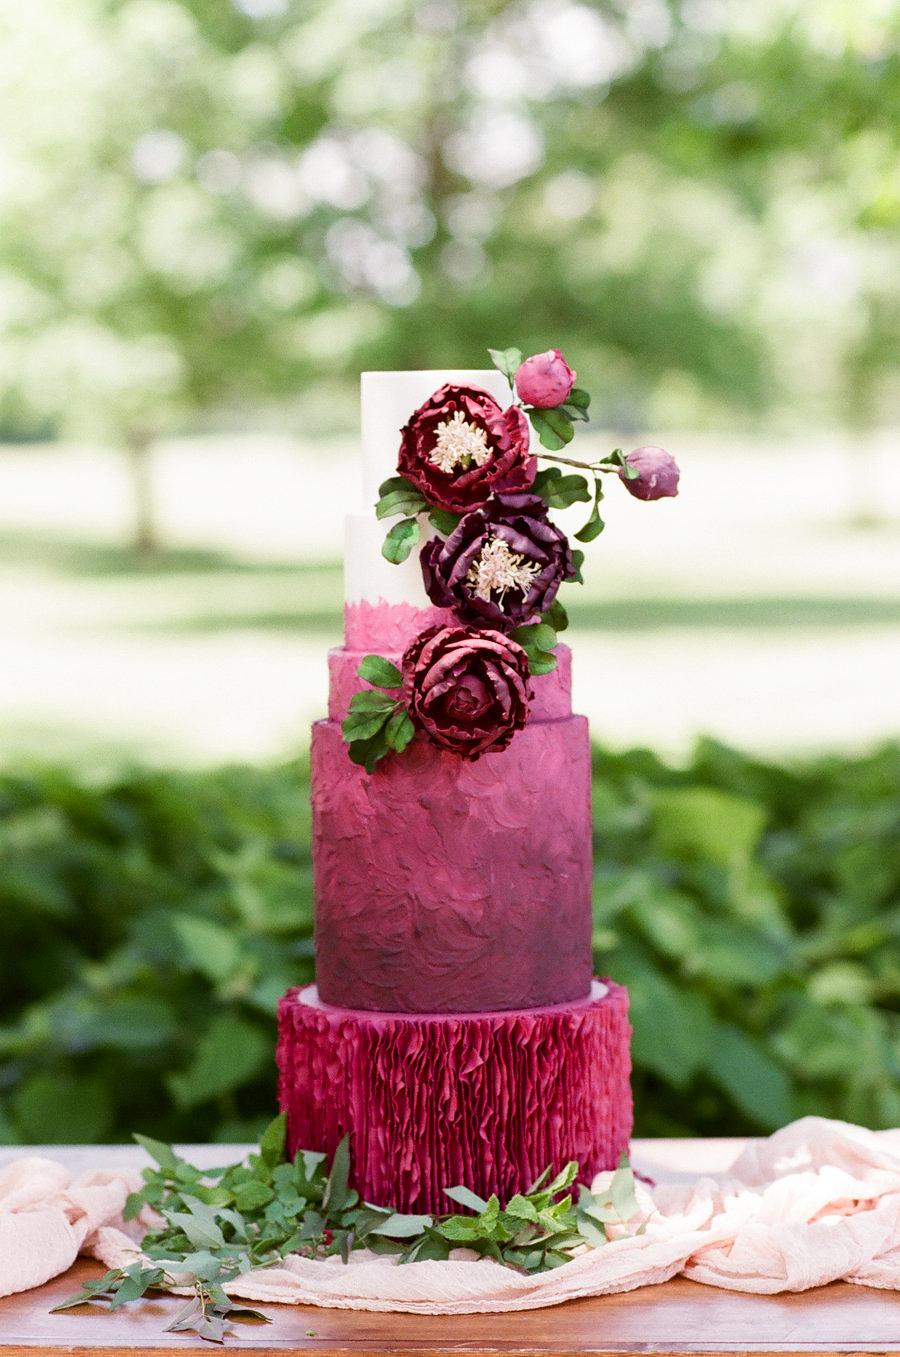 cake designs tamara gruner